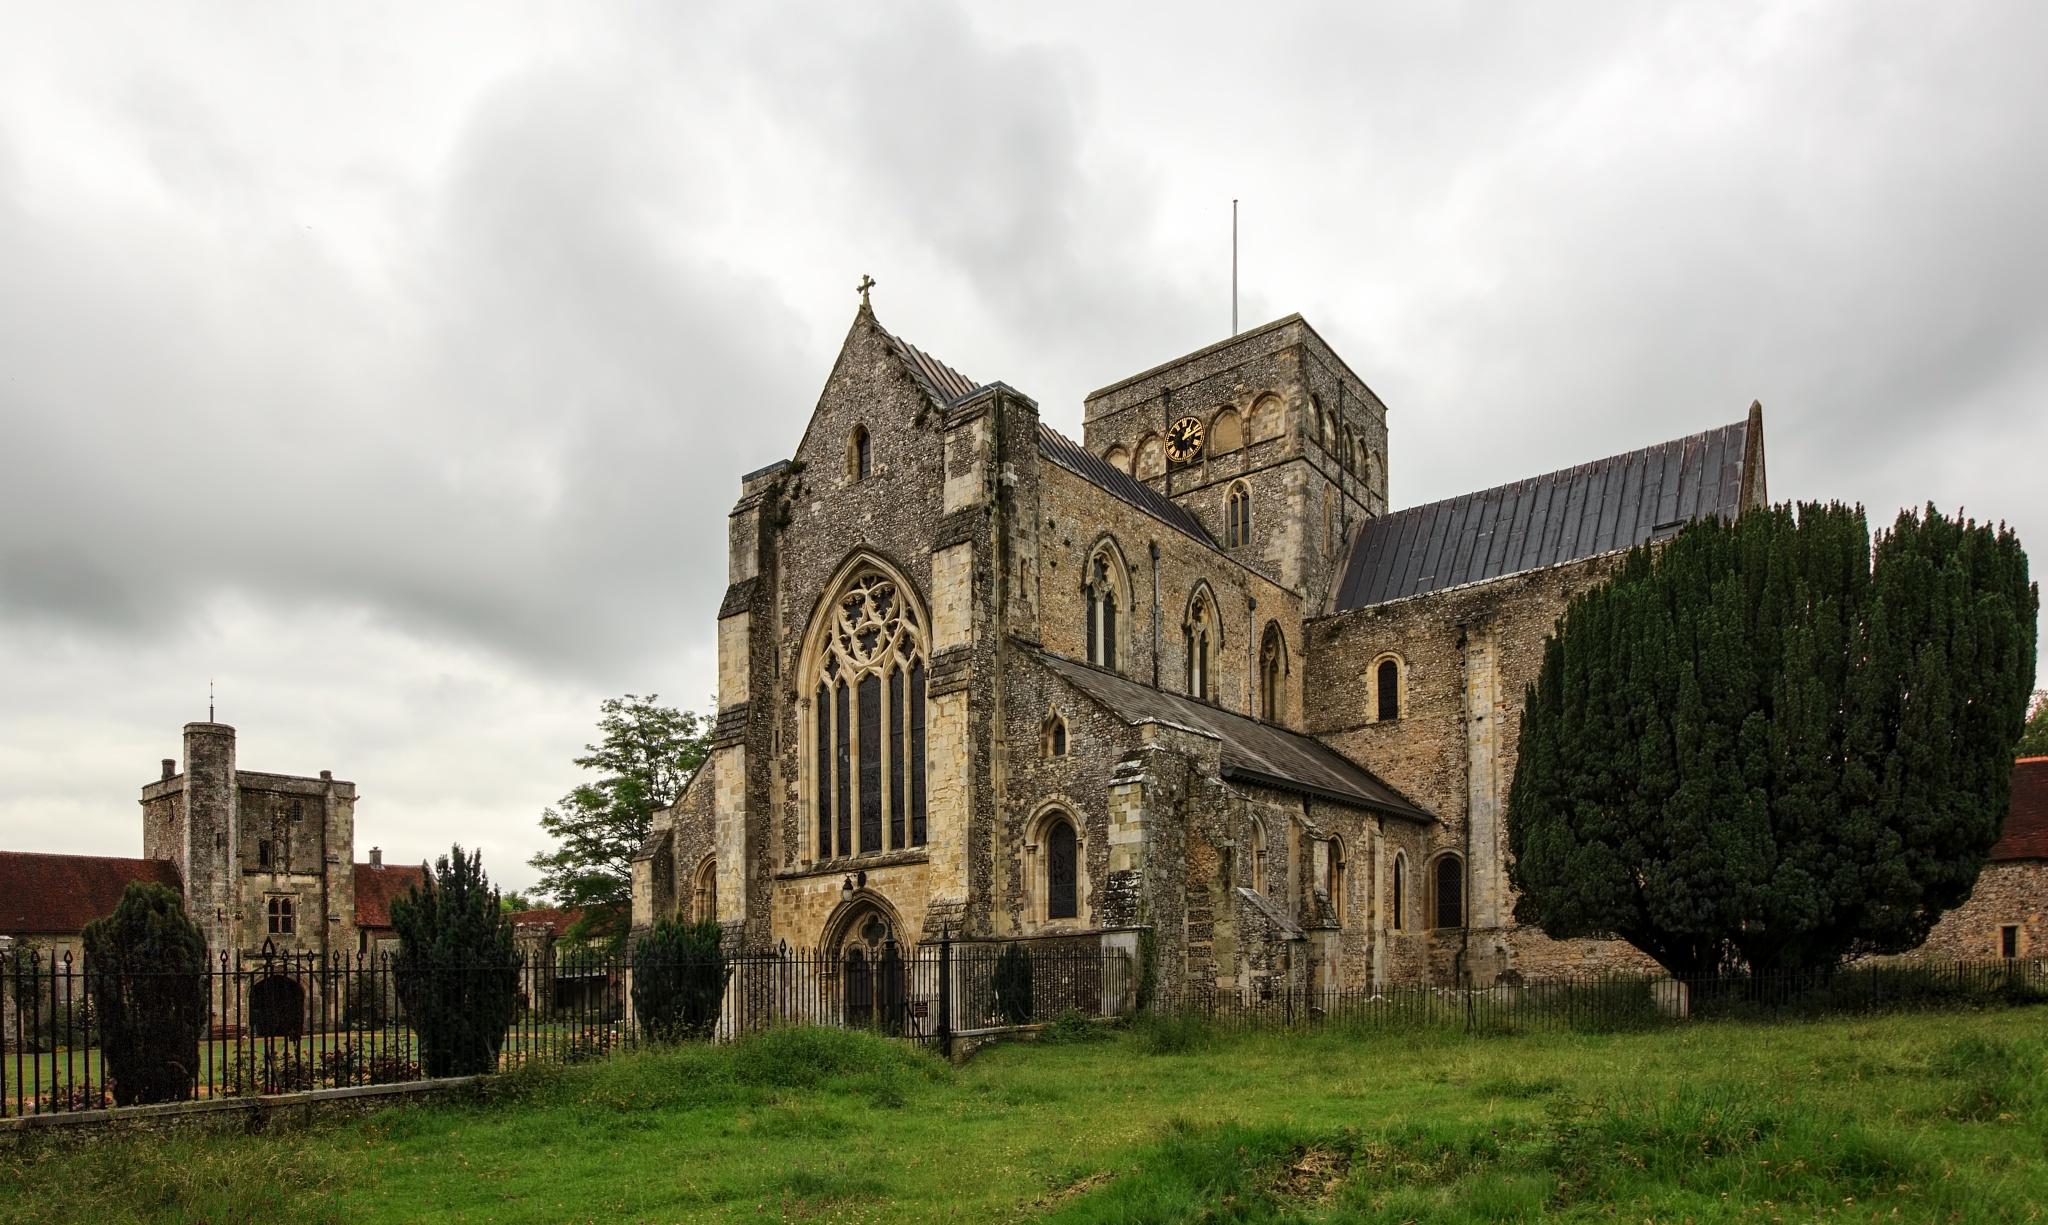 Church St Cross - Winchester, England by GaryCorken